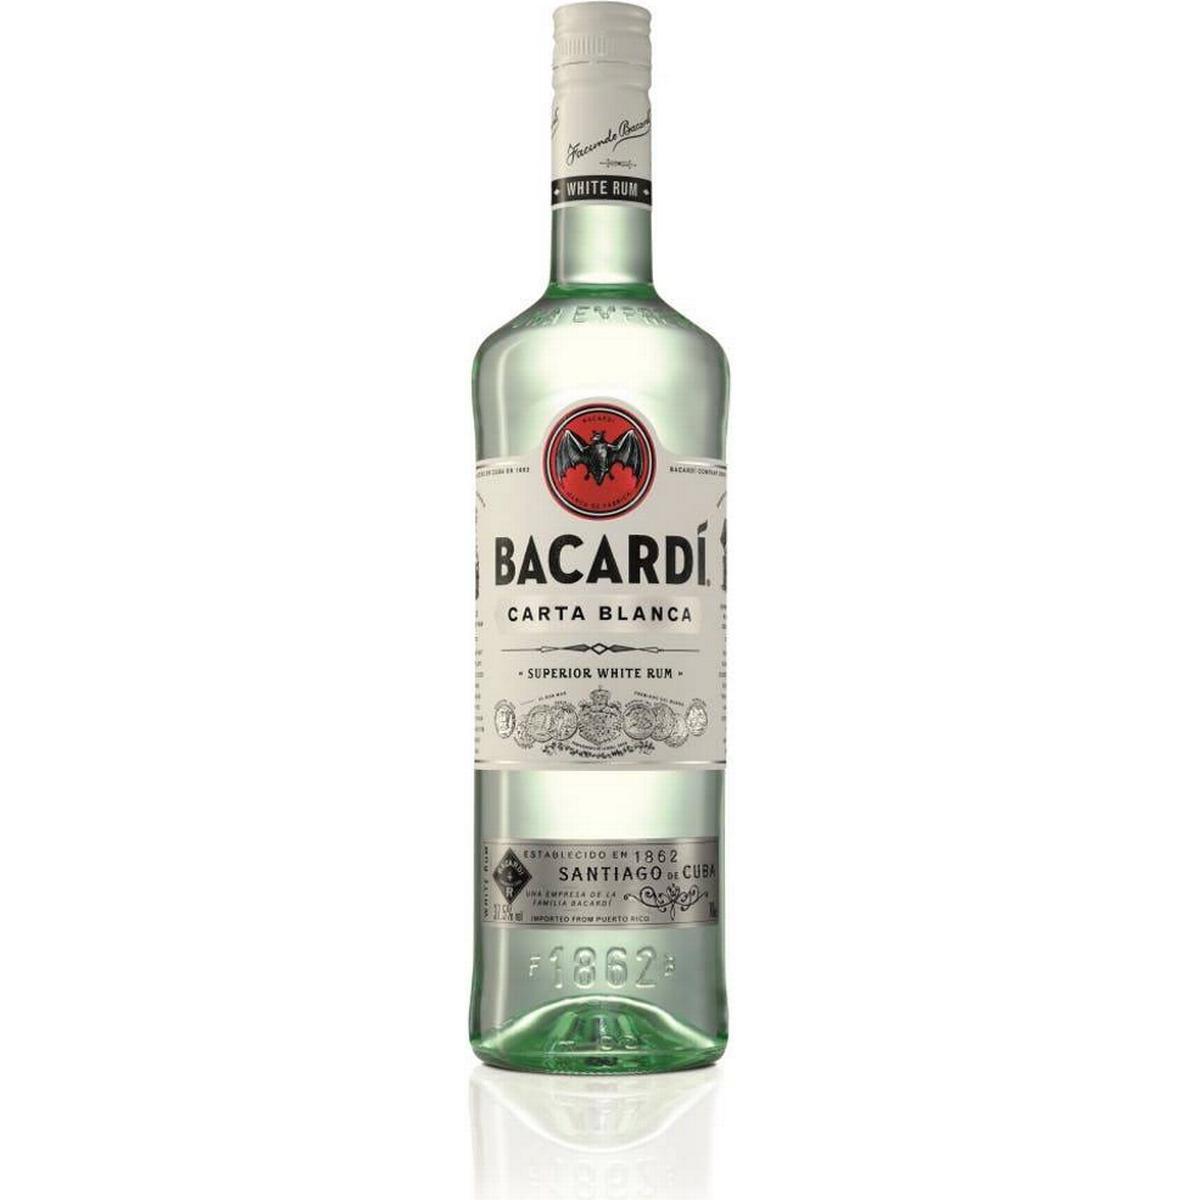 Nye Bacardi Hvid rom Øl og spiritus - Sammenlign priser hos PriceRunner ZA-48